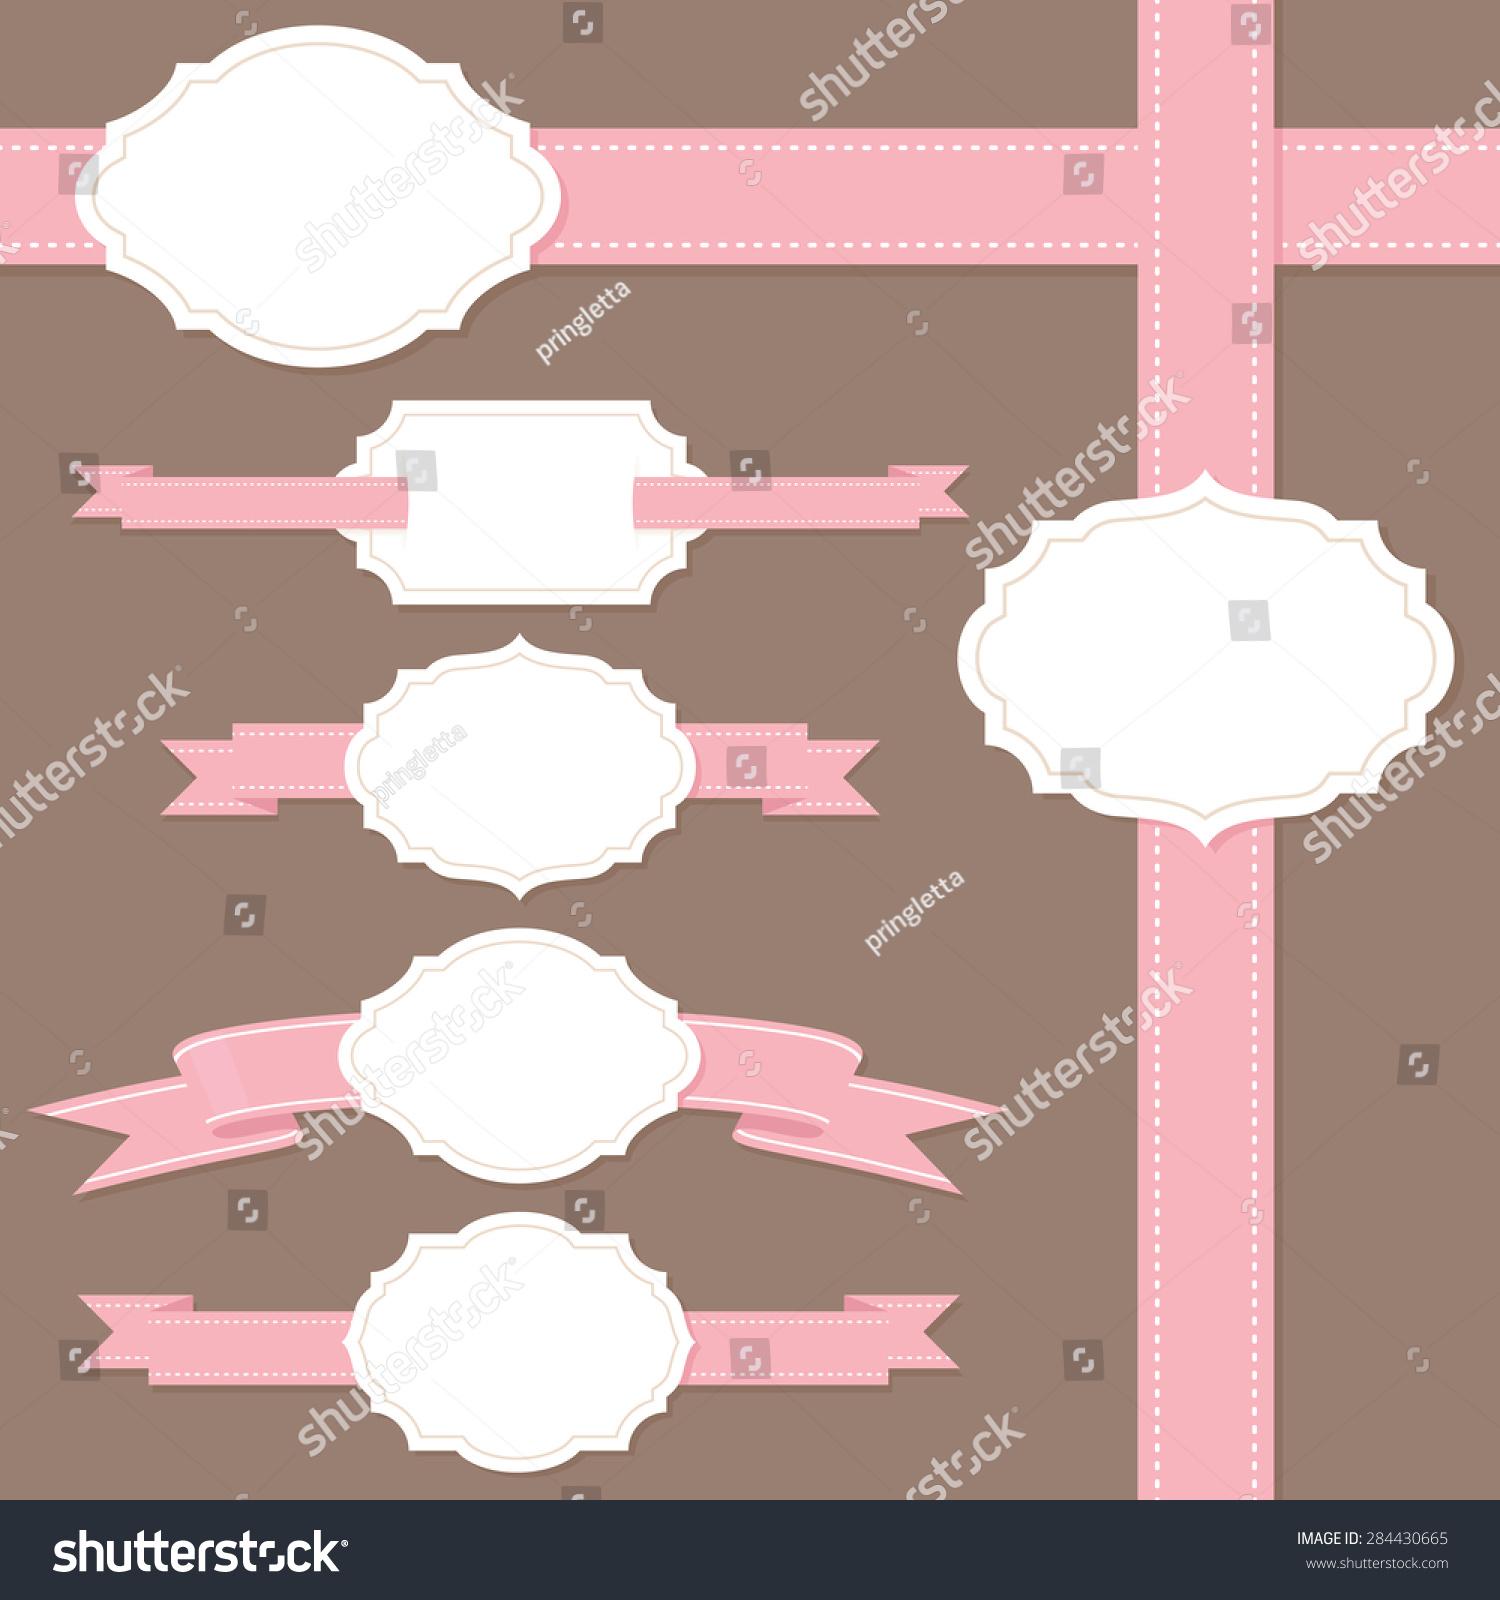 文本框与粉红丝带你的信息.-背景/素材,抽象-海洛创意